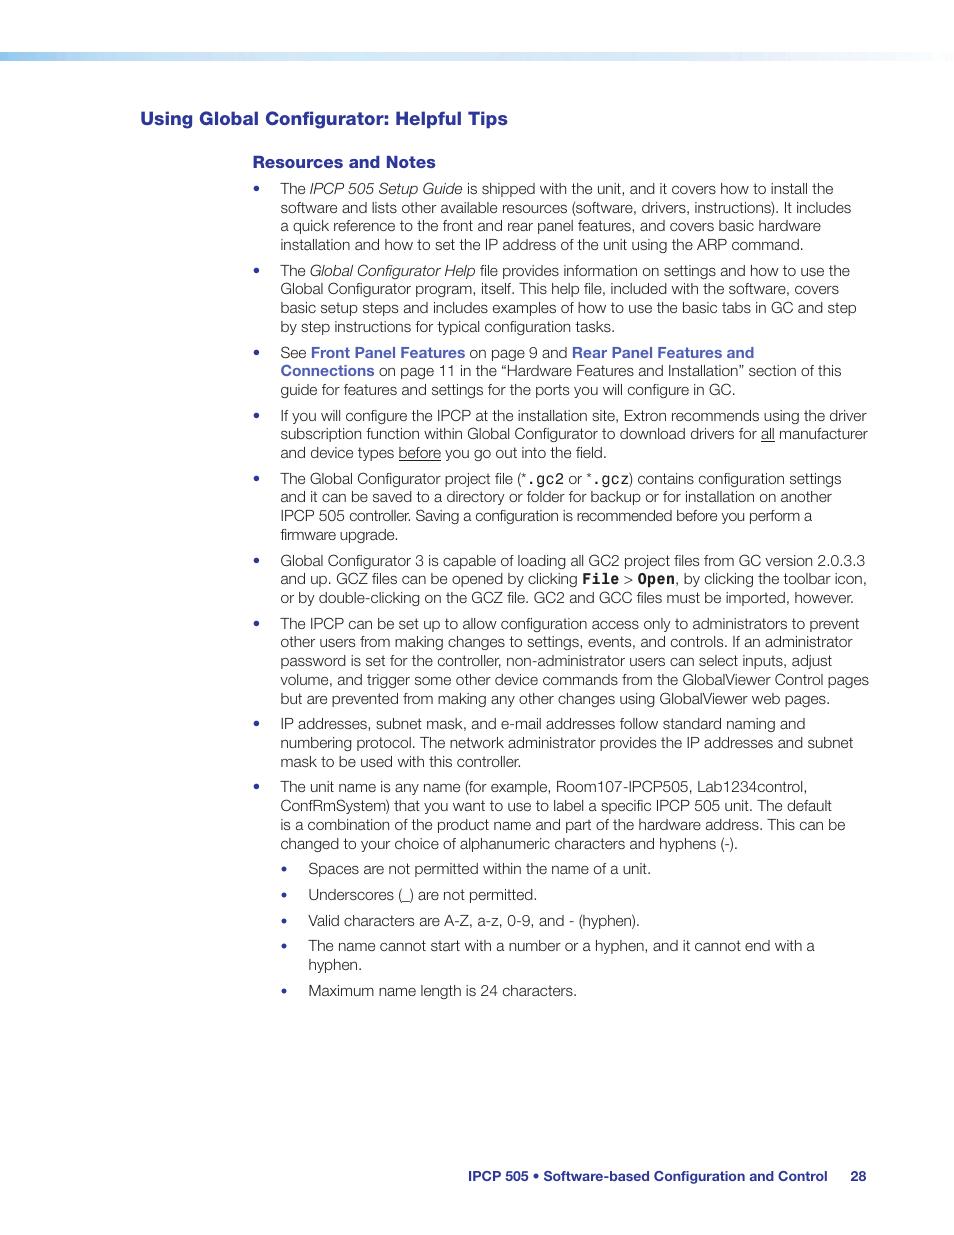 Using global configurator: helpful tips | Extron Electronics